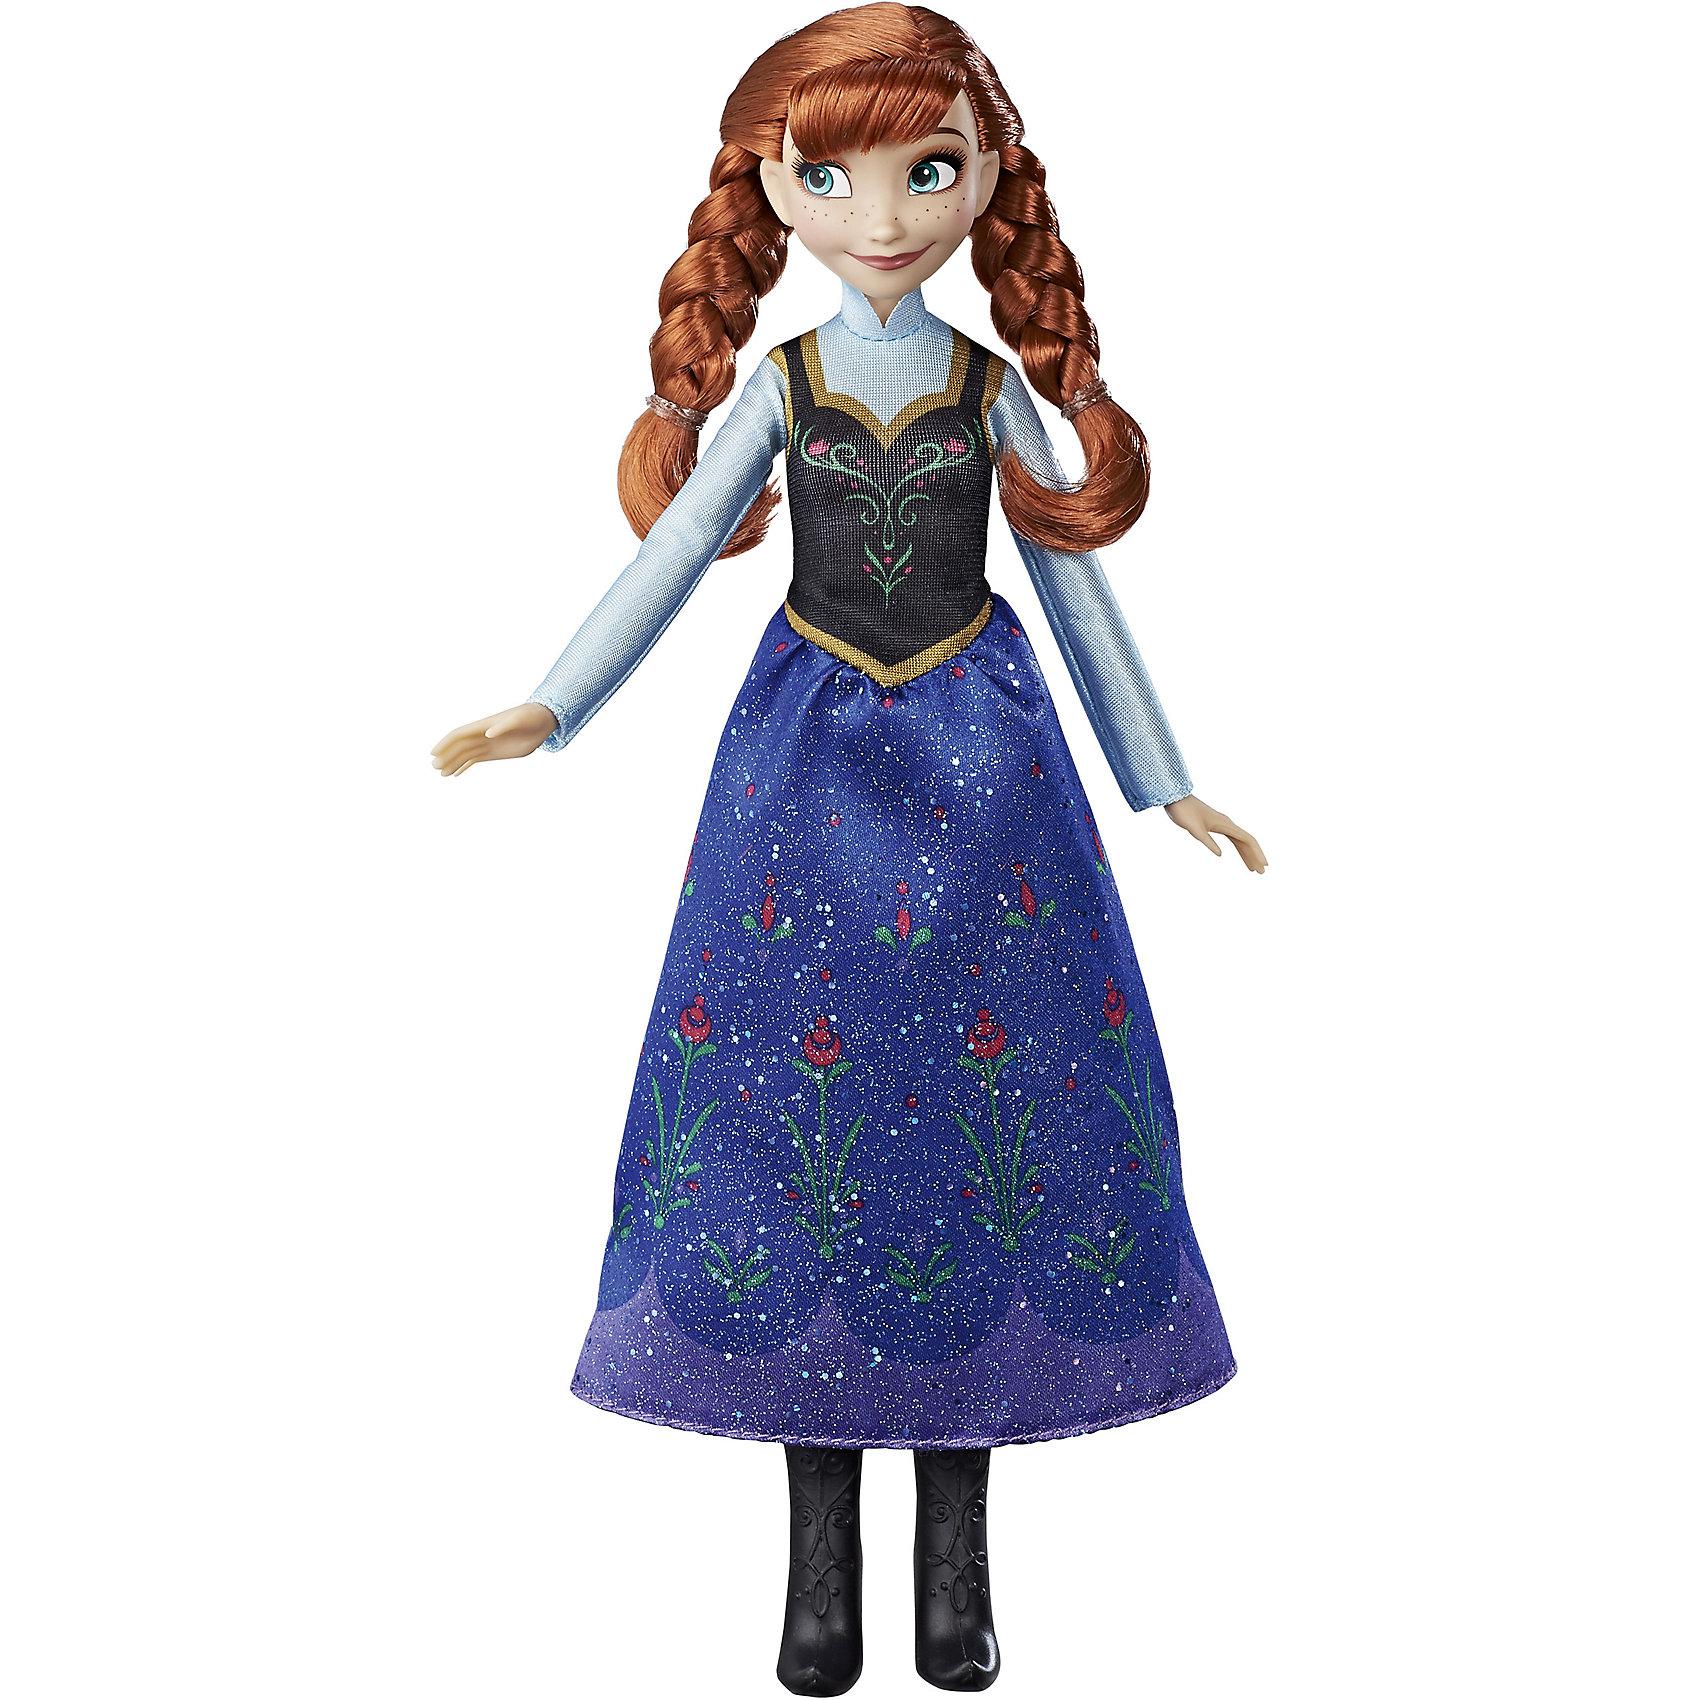 Hasbro Кукла Анна, Холодное сердце, Принцессы Дисней hasbro мини кукла принцессы дисней